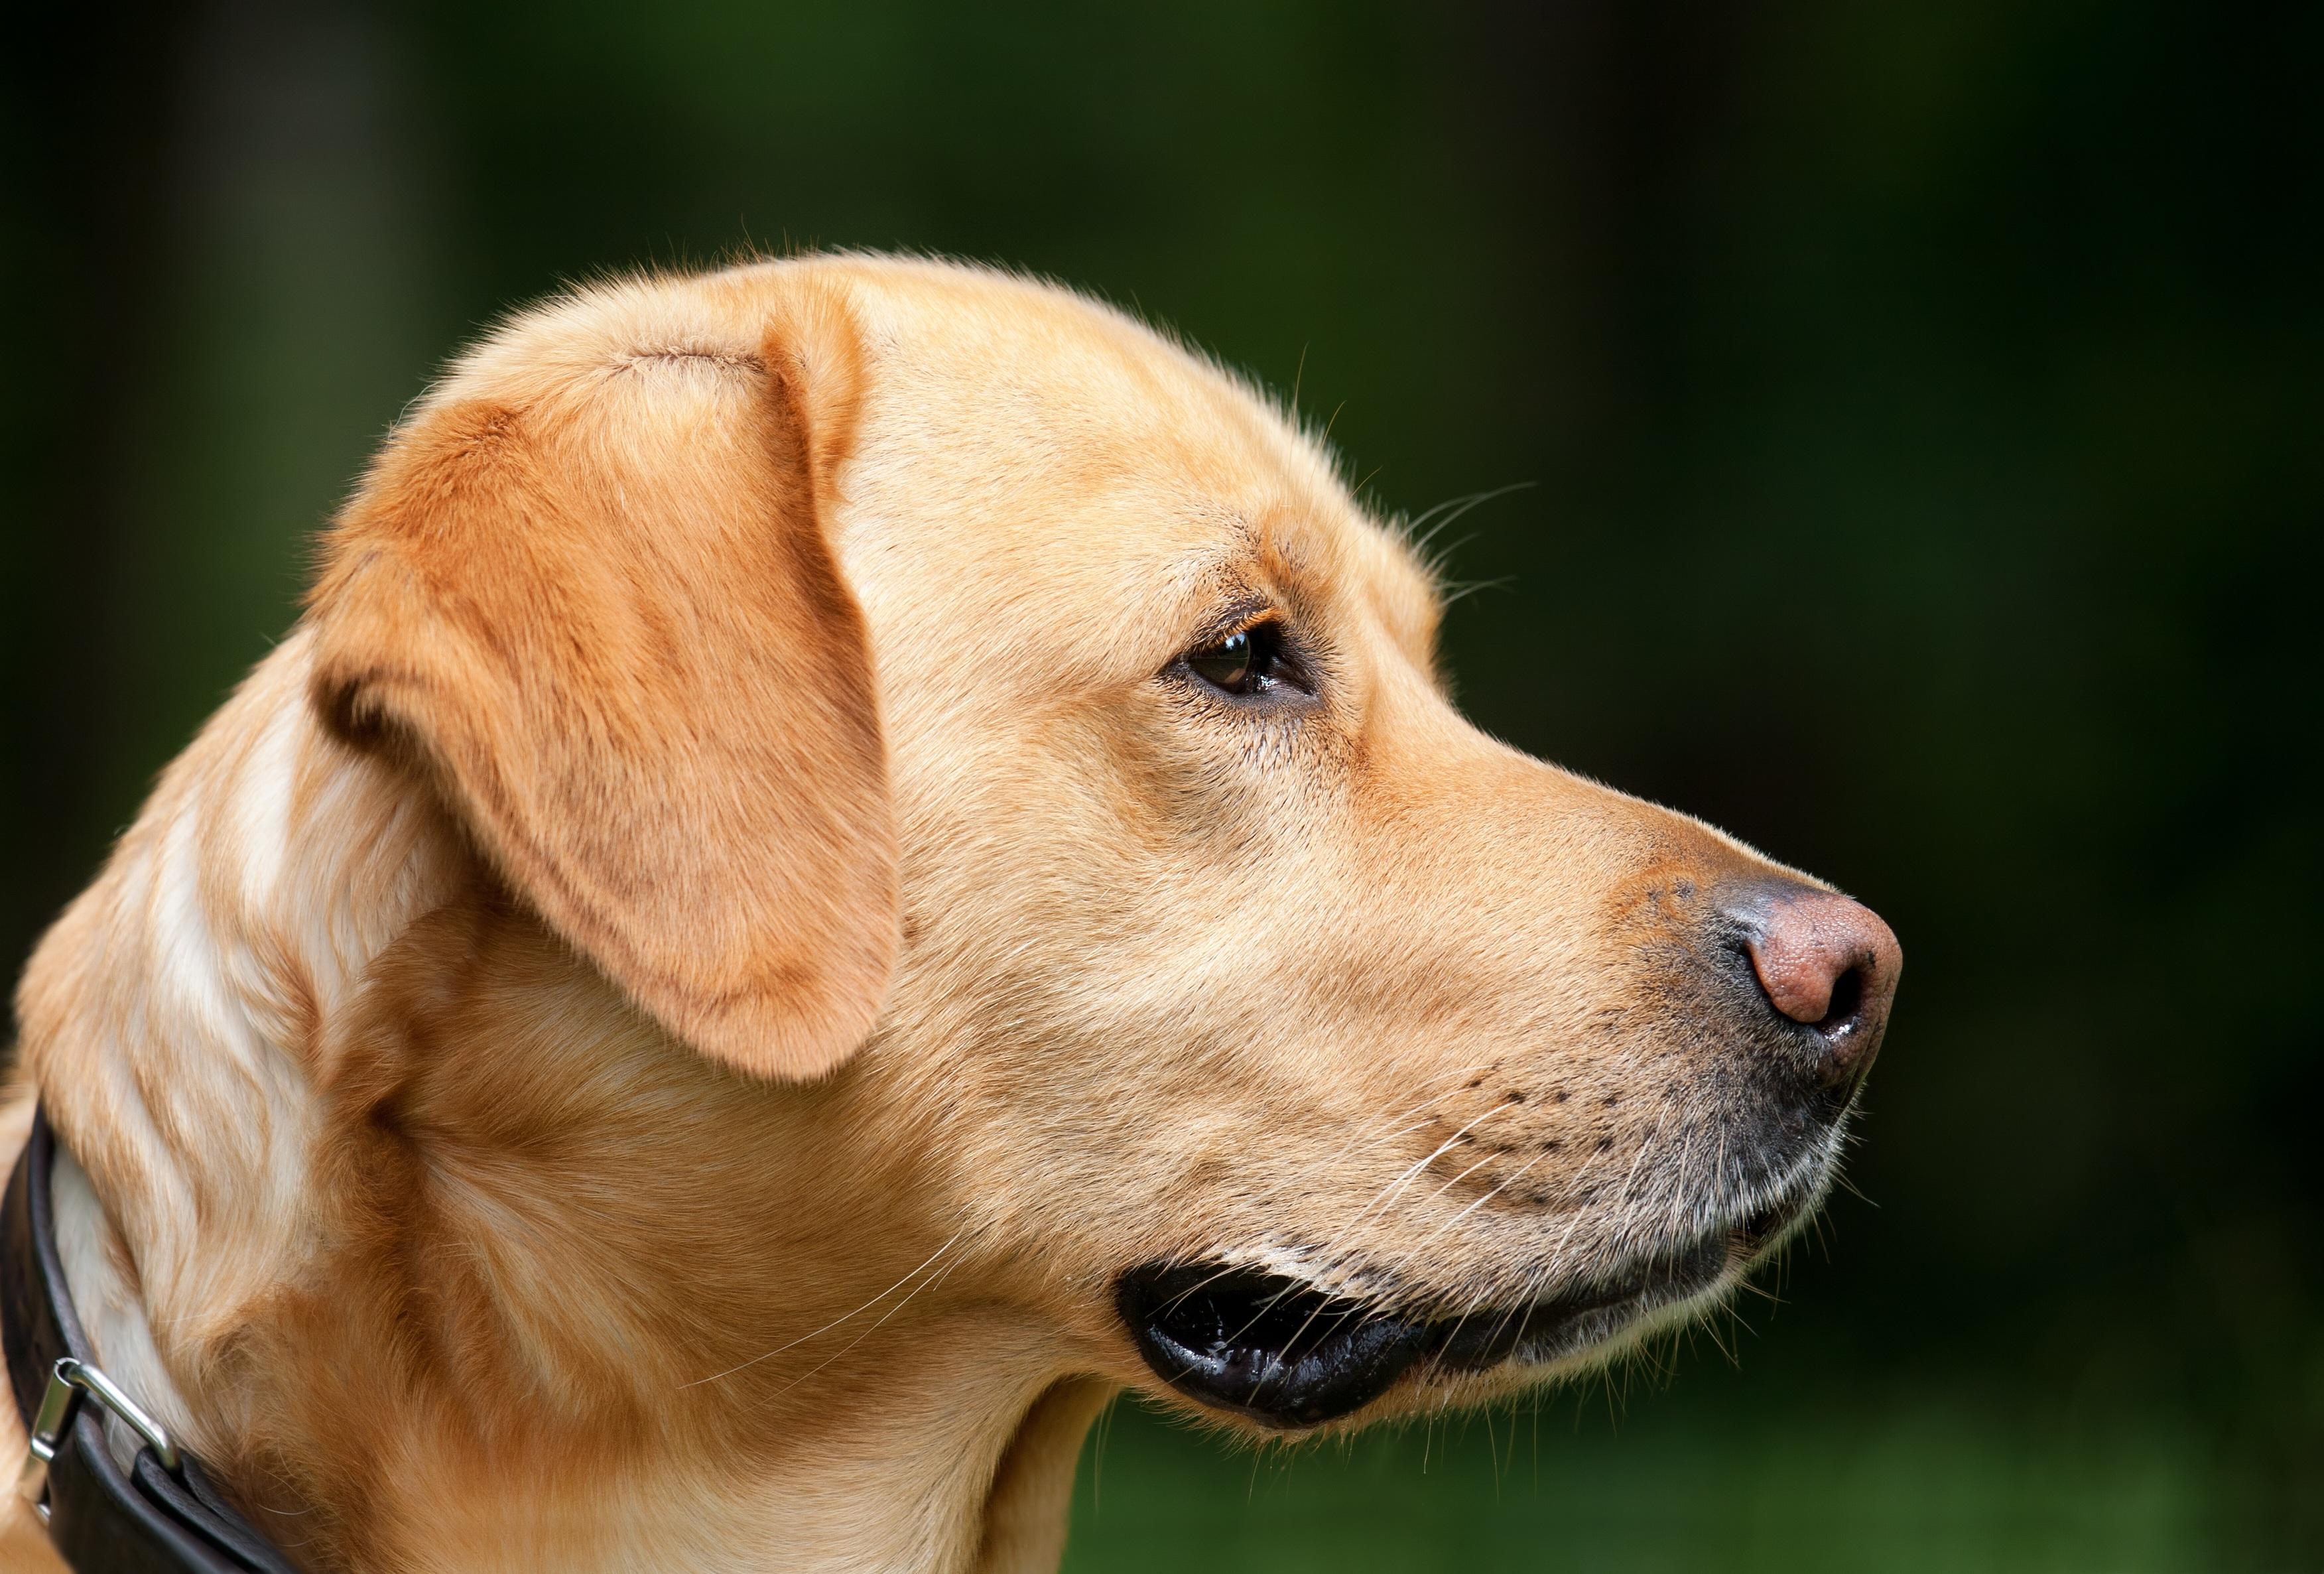 Free Images Puppy Profile Pet Nose Golden Retriever Snout